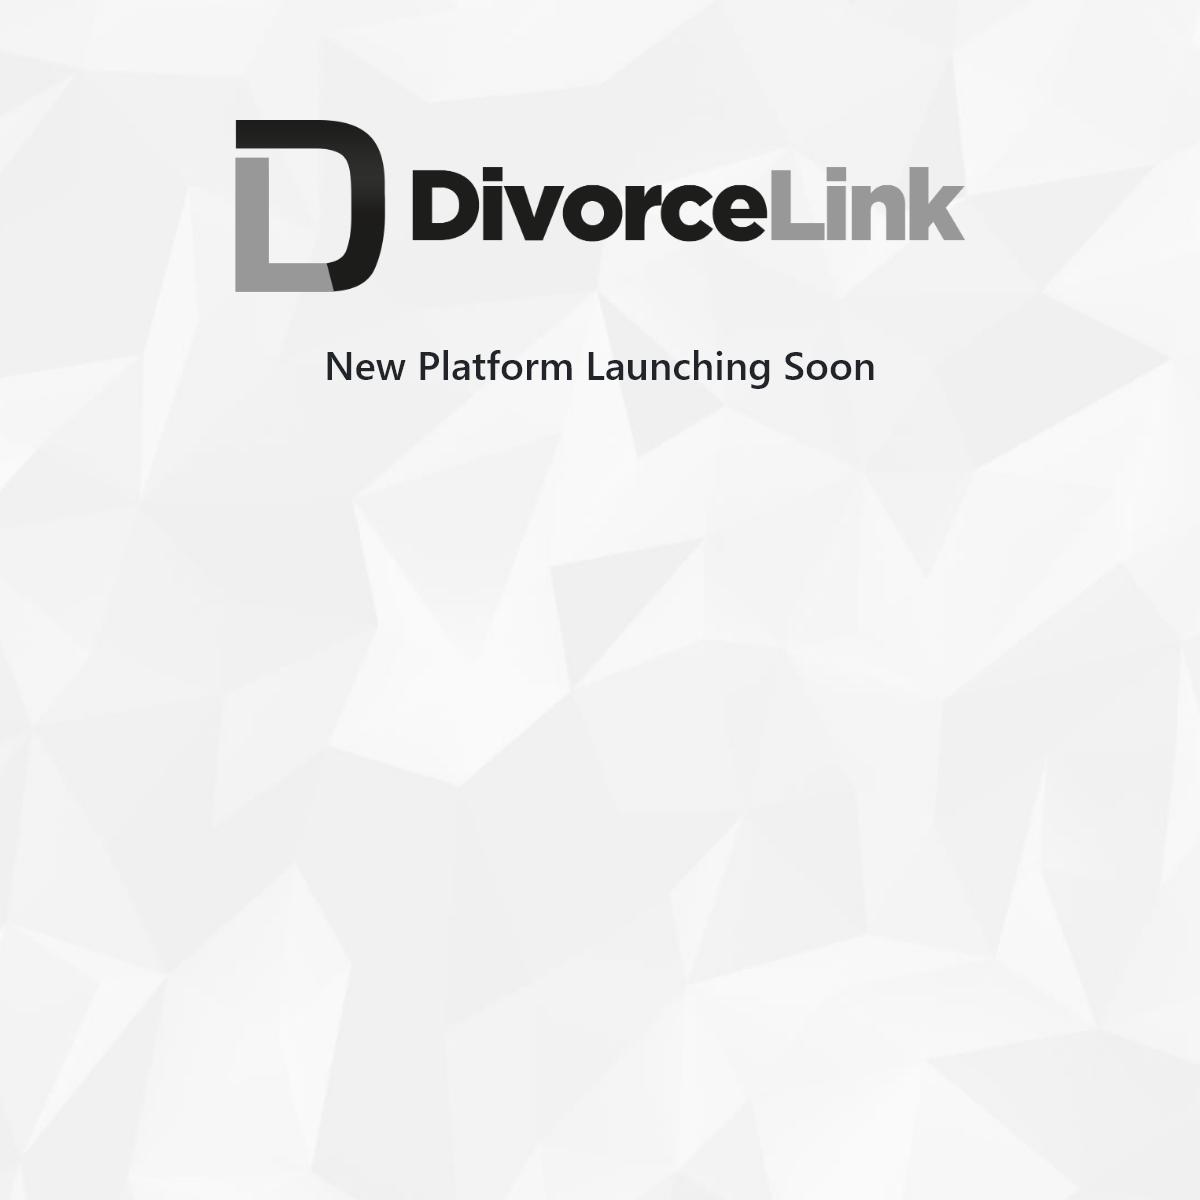 DivorceLink - Divorce And Family Lawyer Marketing